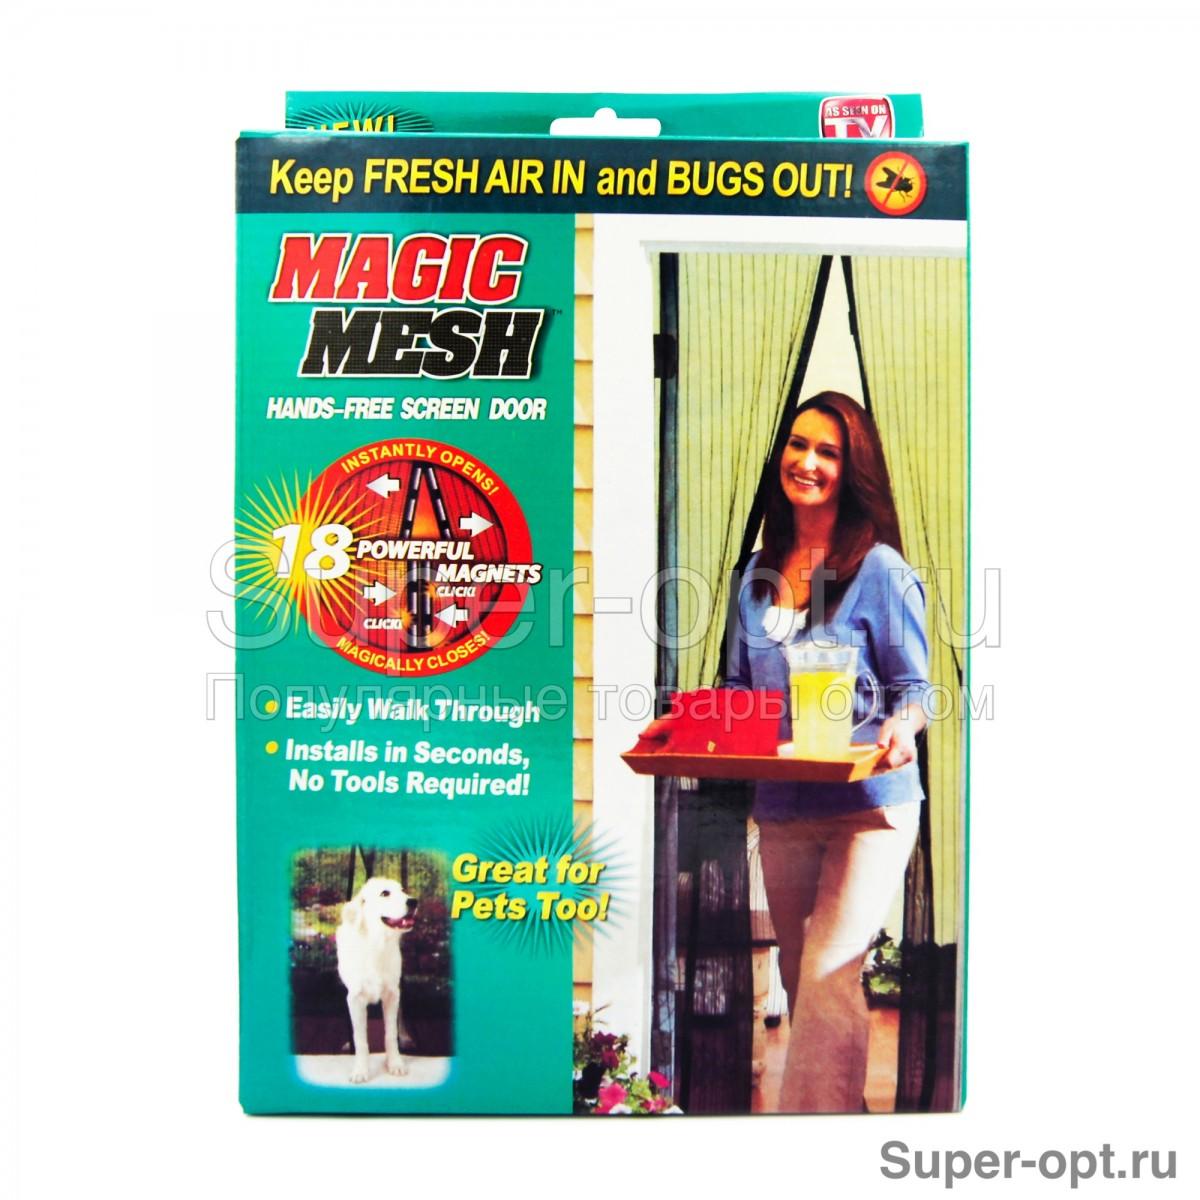 Москитная сетка Magic Mesh оптом